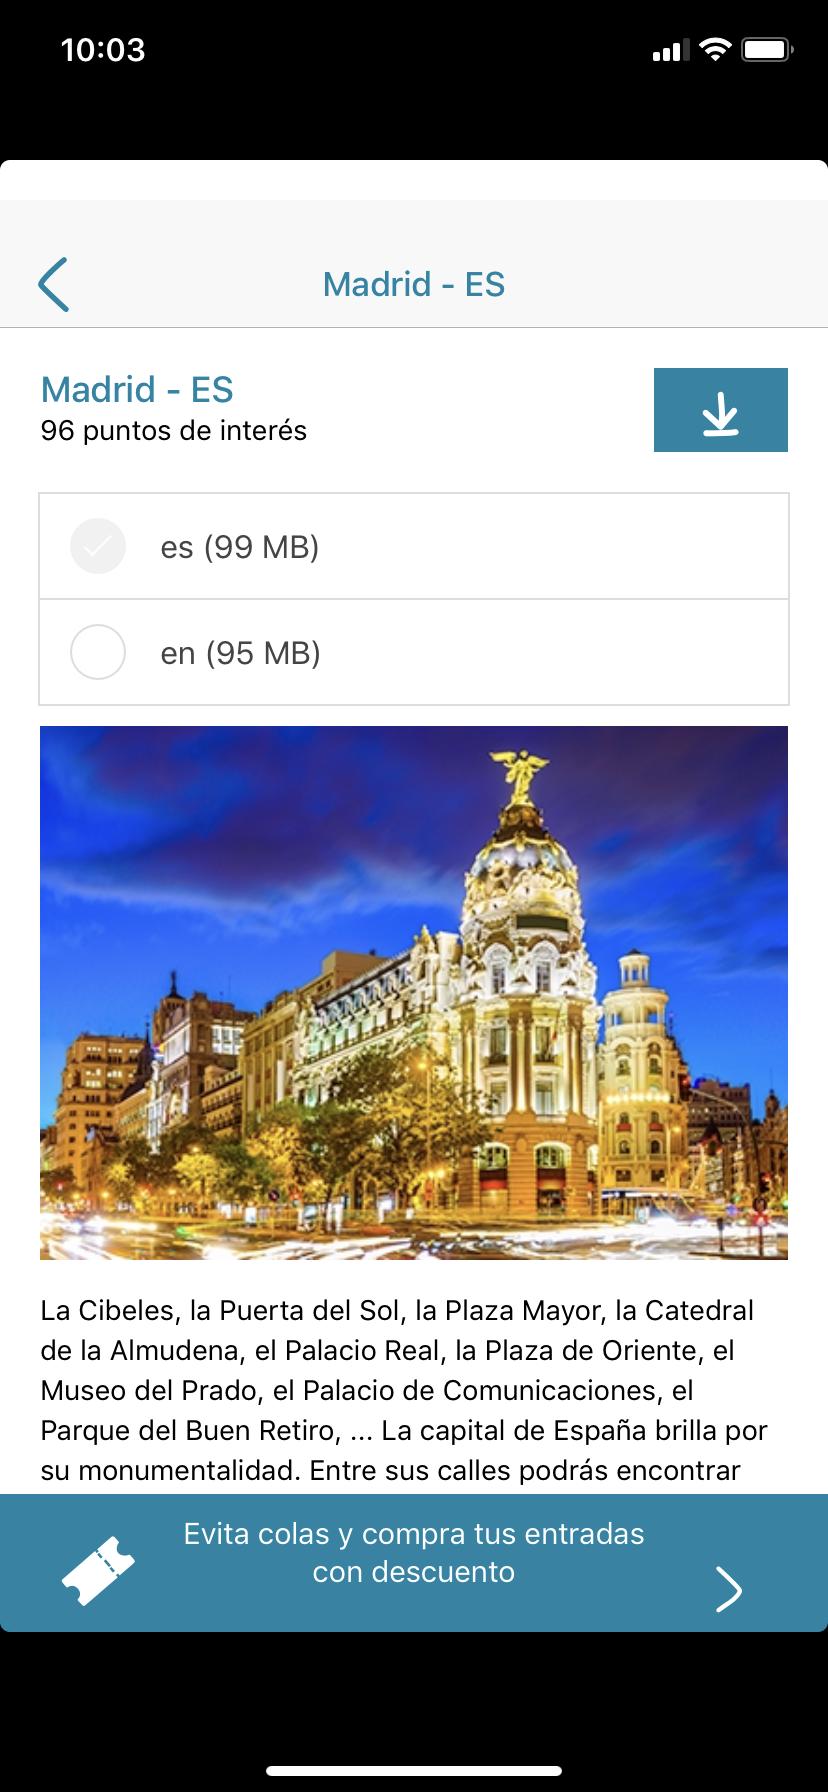 Archivos de cada ciudad en español e inglés